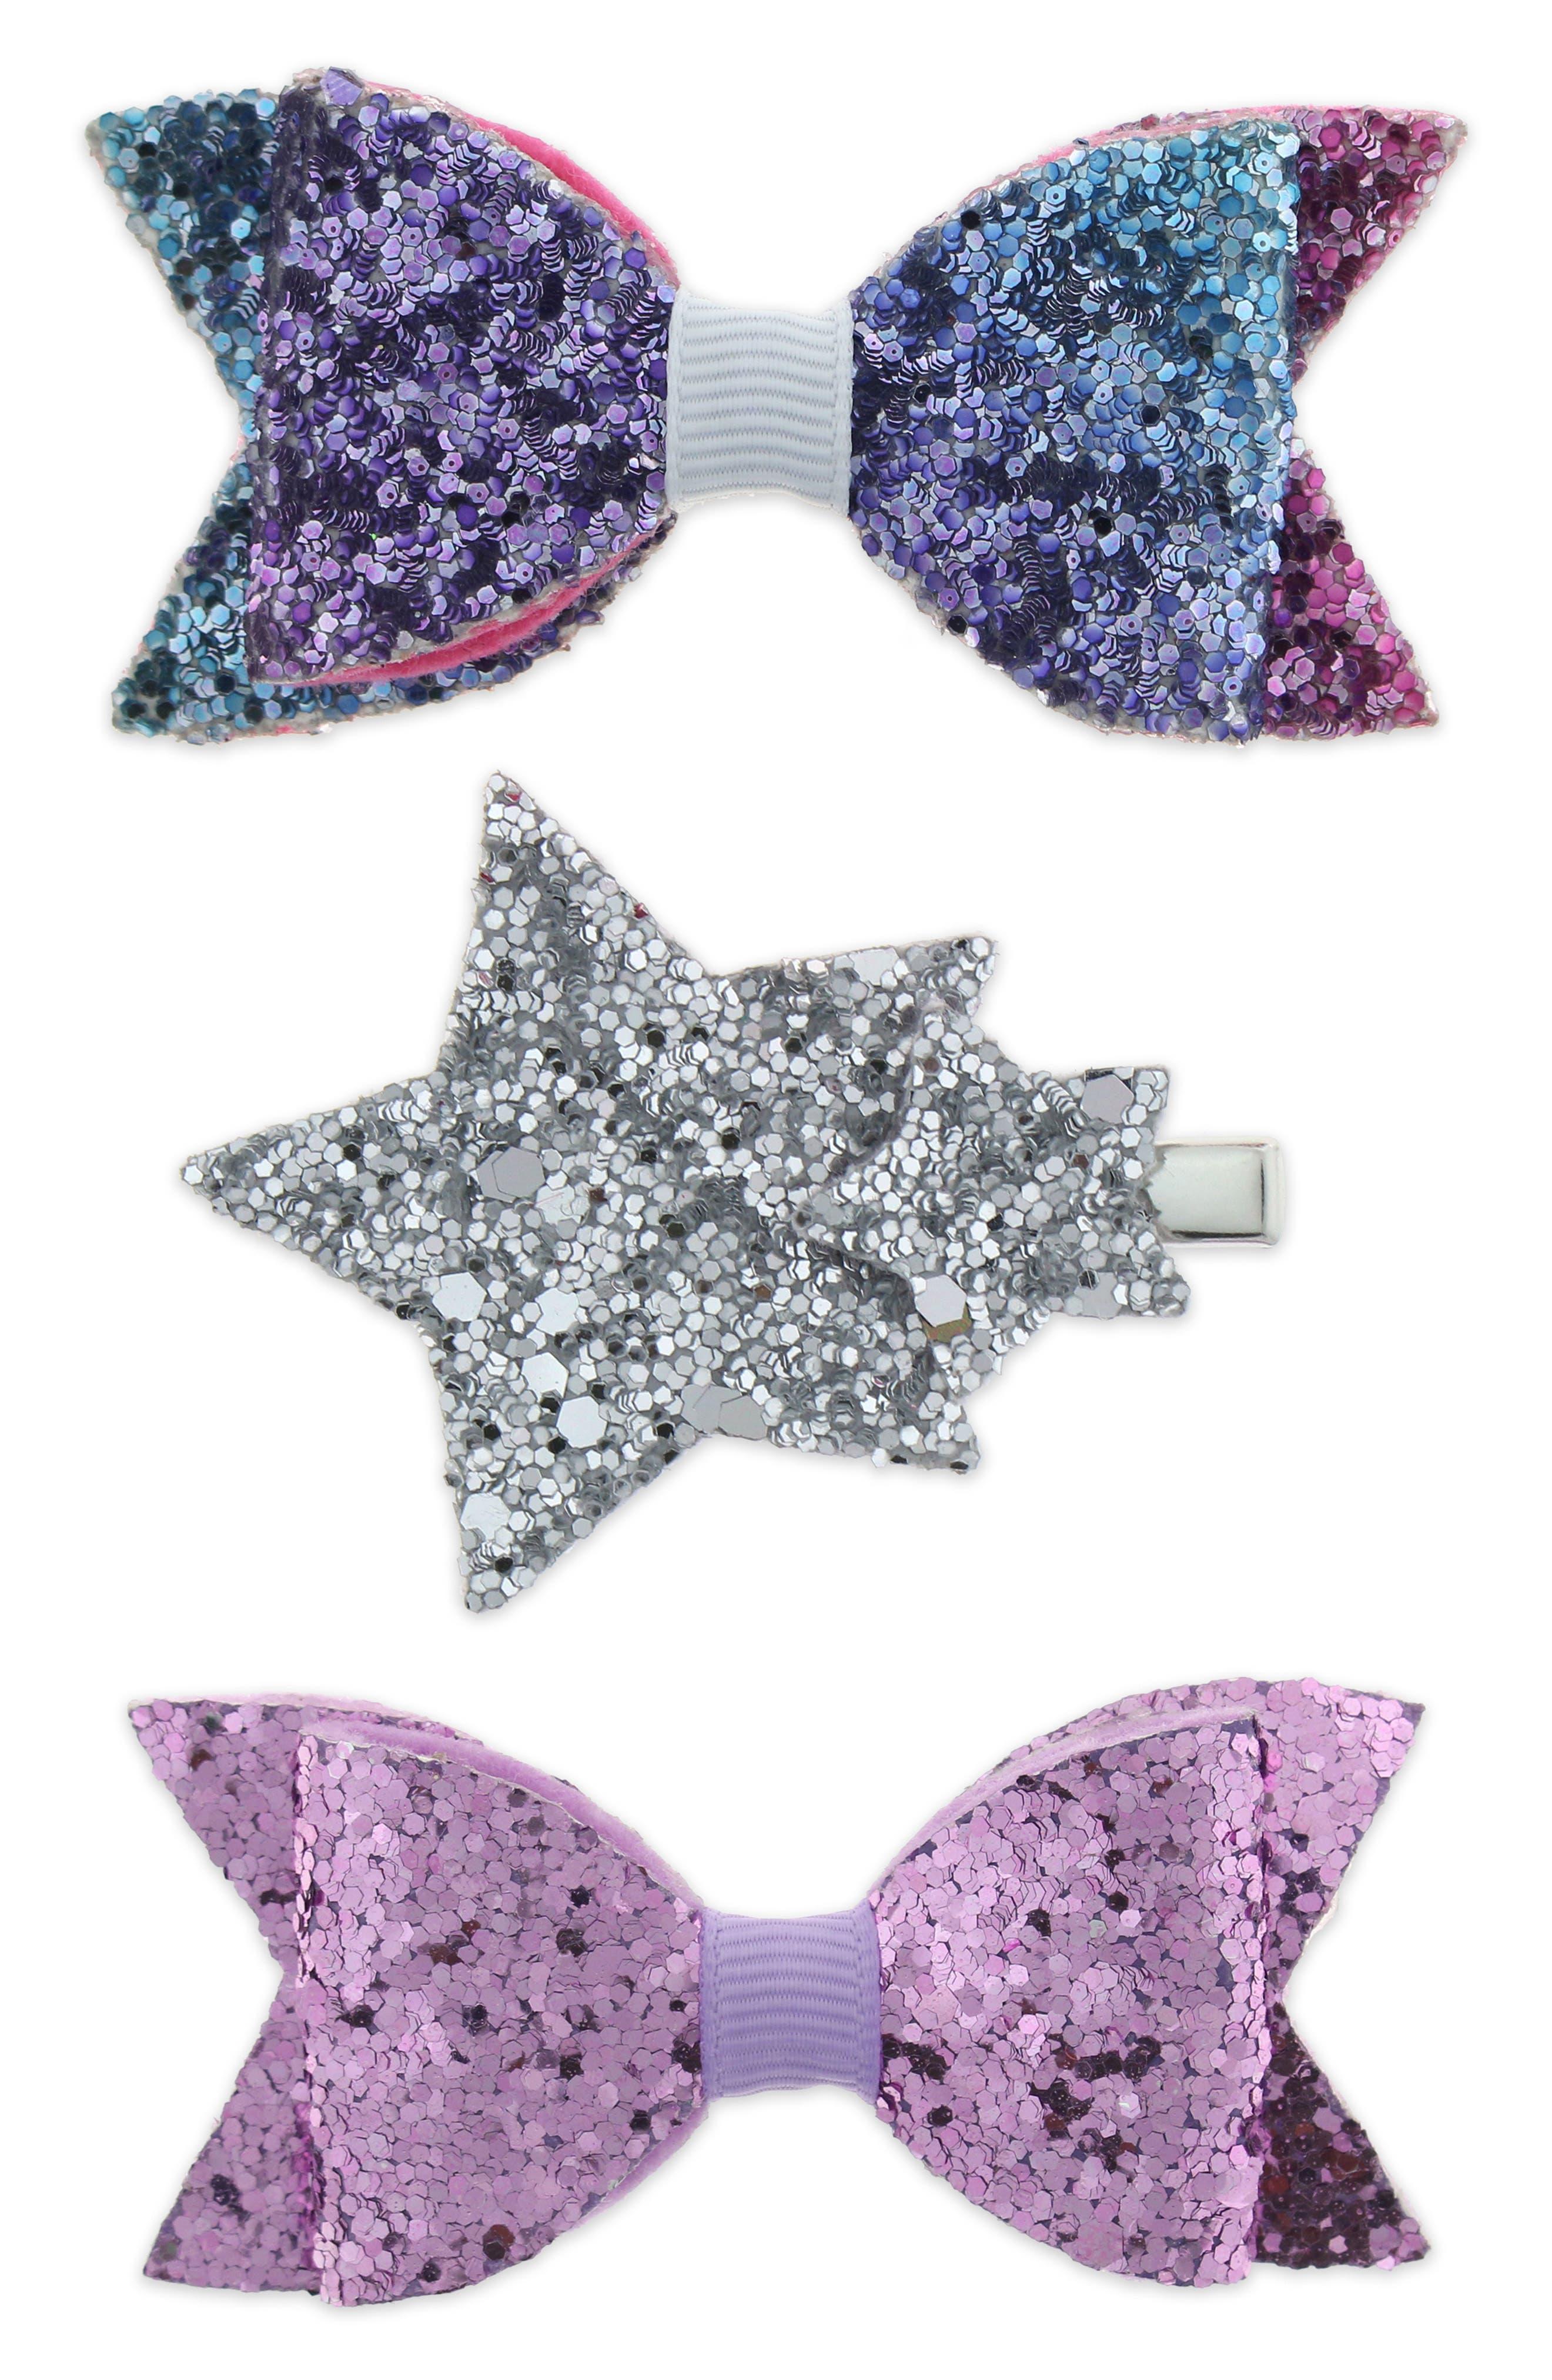 Glitter Bow Star 3-Piece Hair Clip Set,                             Main thumbnail 1, color,                             MULTI RAINBOW COMBO